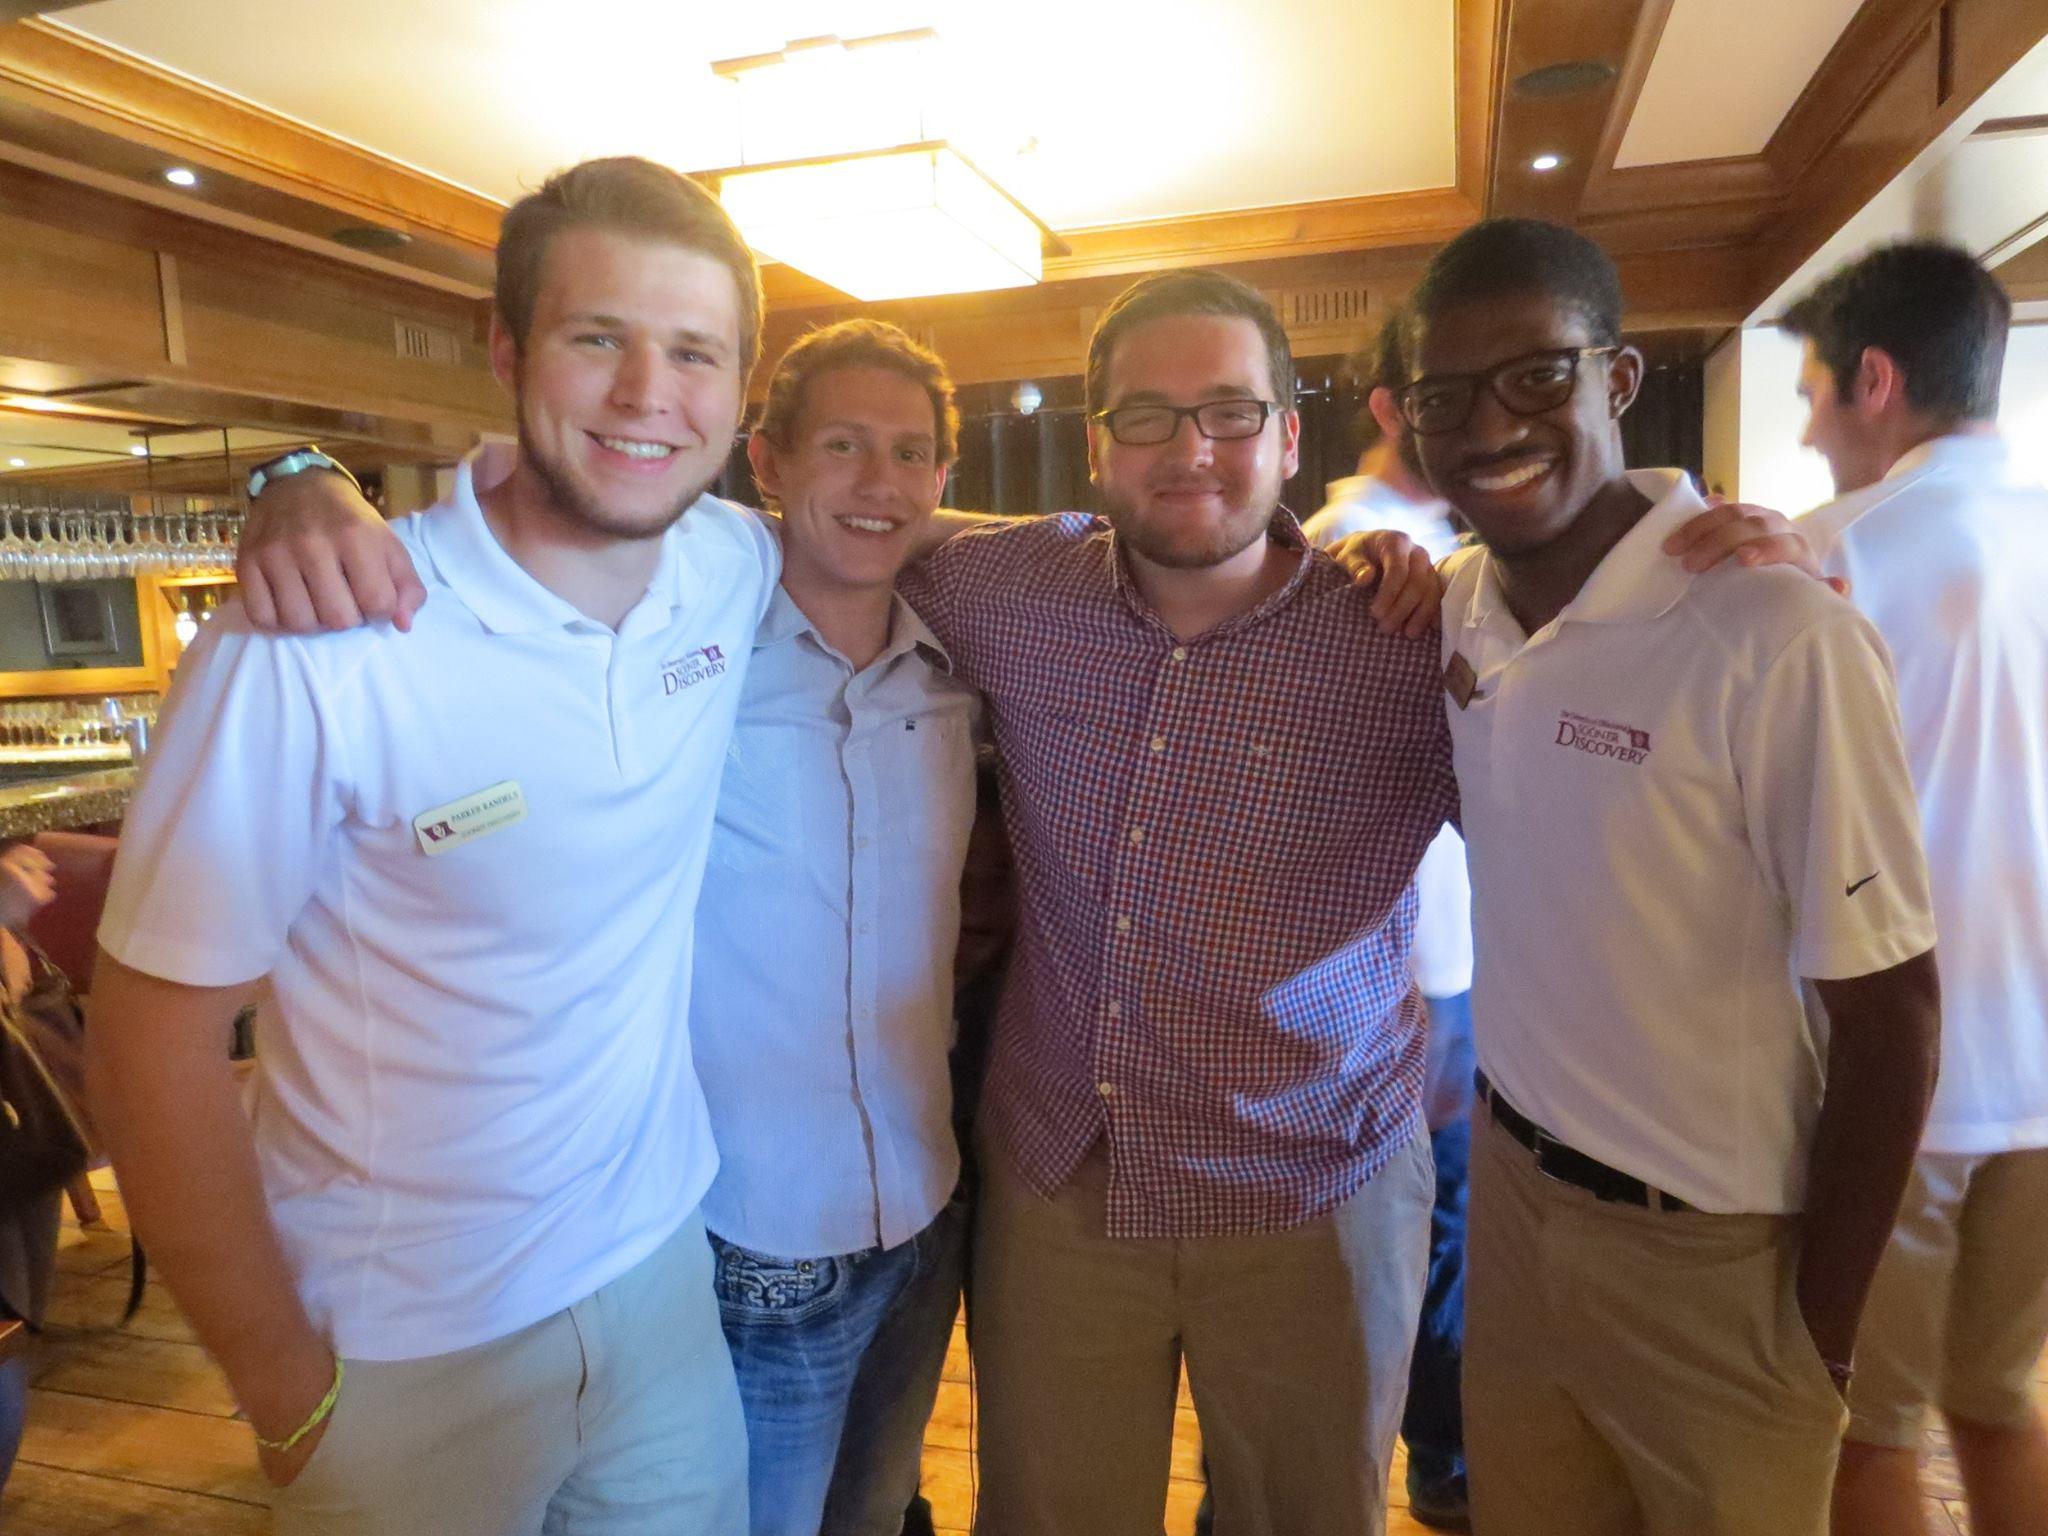 Parker, Kaden, Rhett, and JD enjoying the end of program banquet